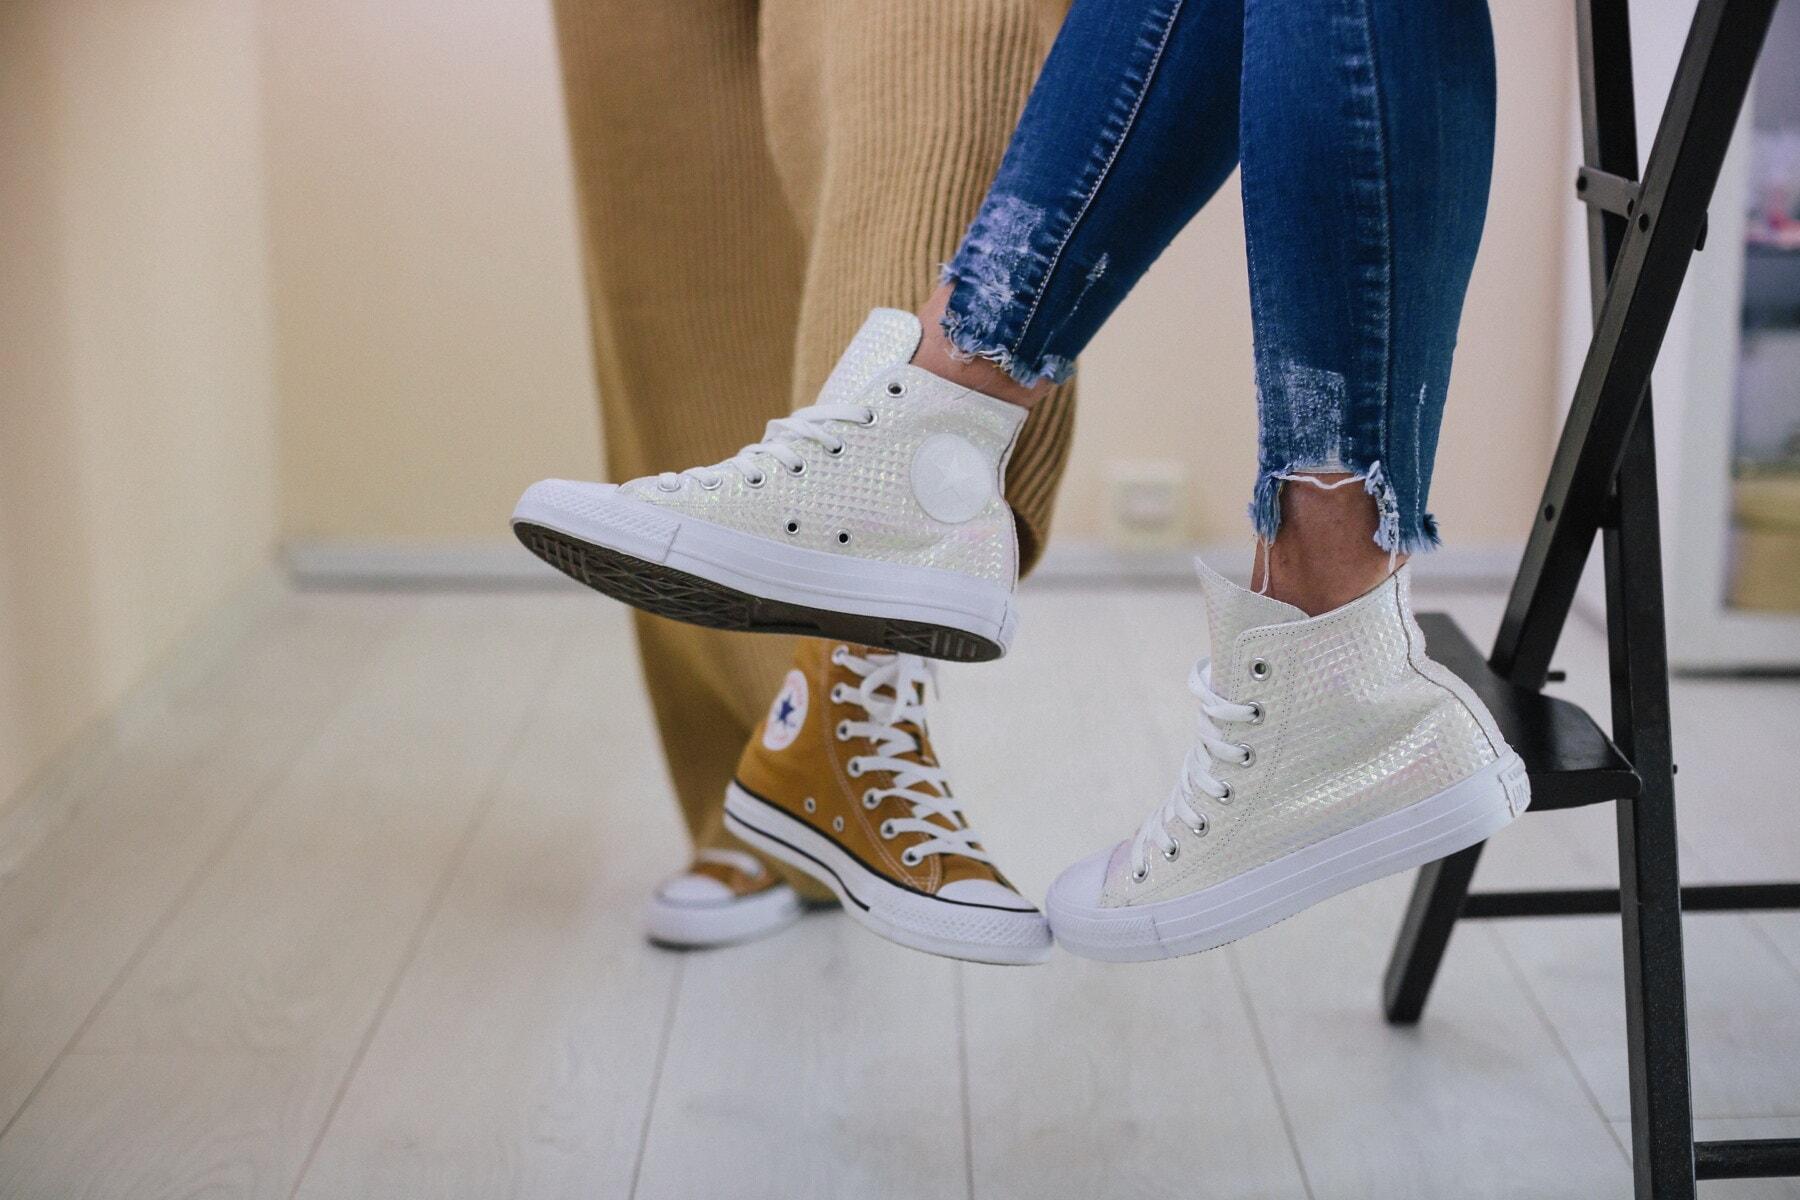 білий, фантазії, Кросівки, модні, жінки, ноги, Штани, джинси, мода, дівчина